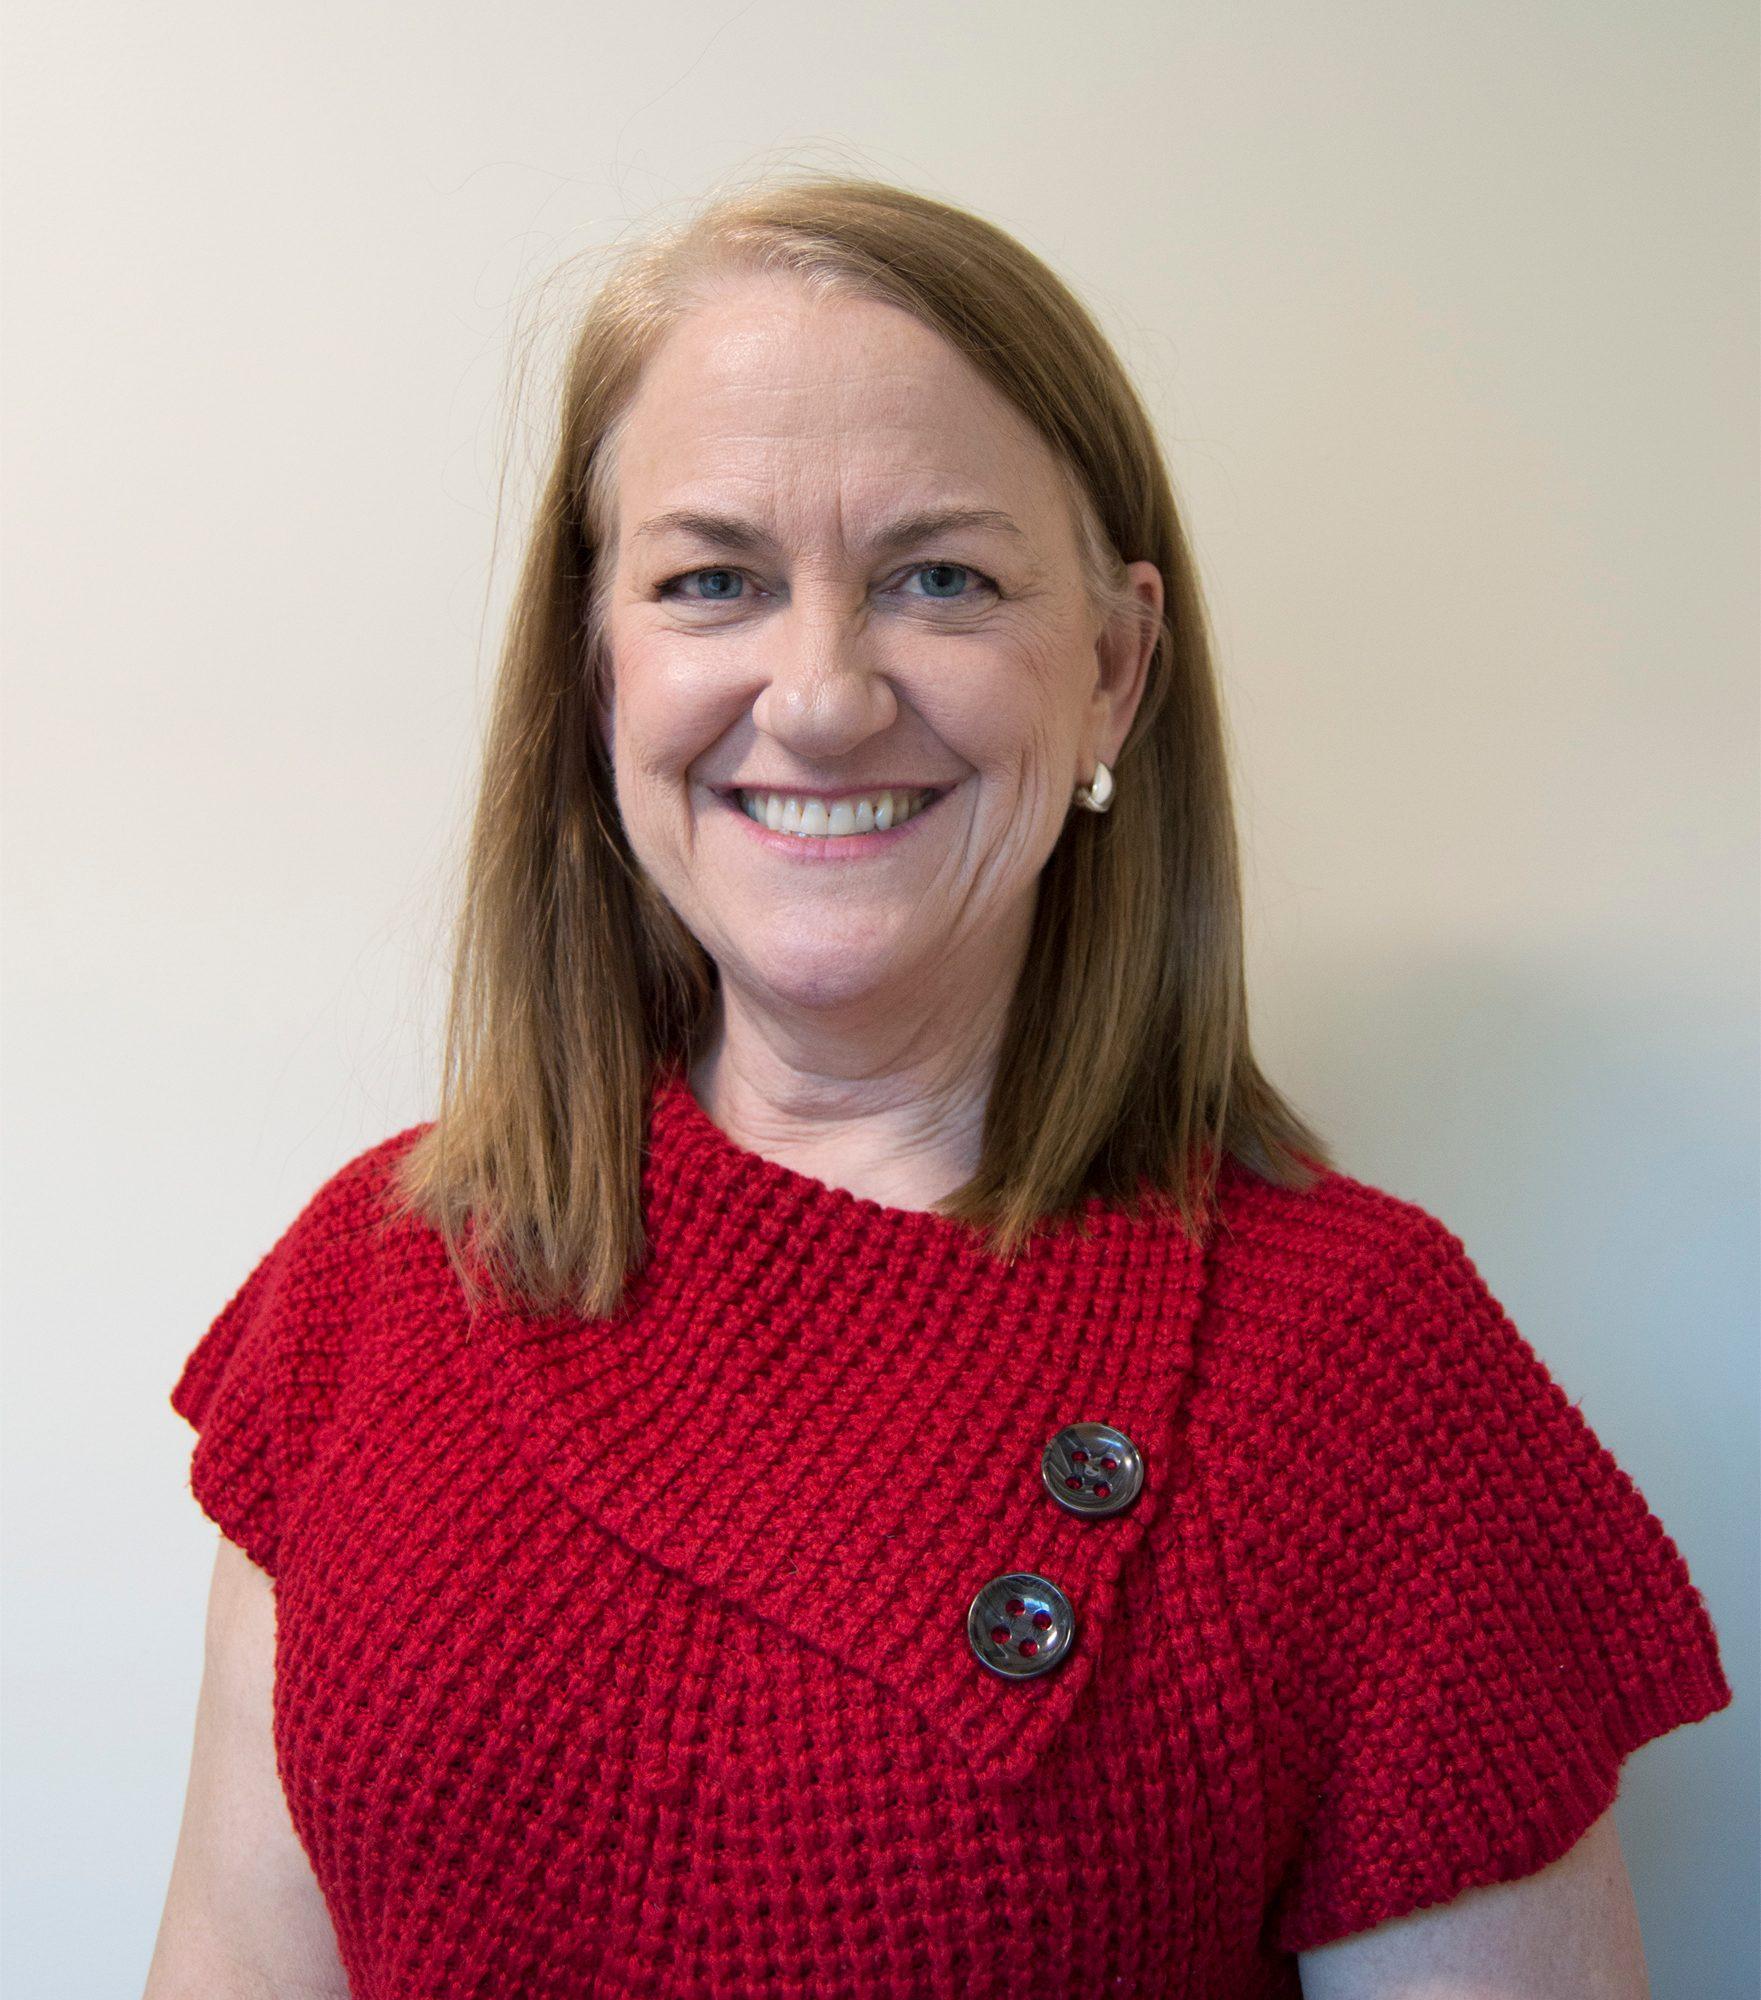 Cheryl Mahoney, M.Ed., LSW